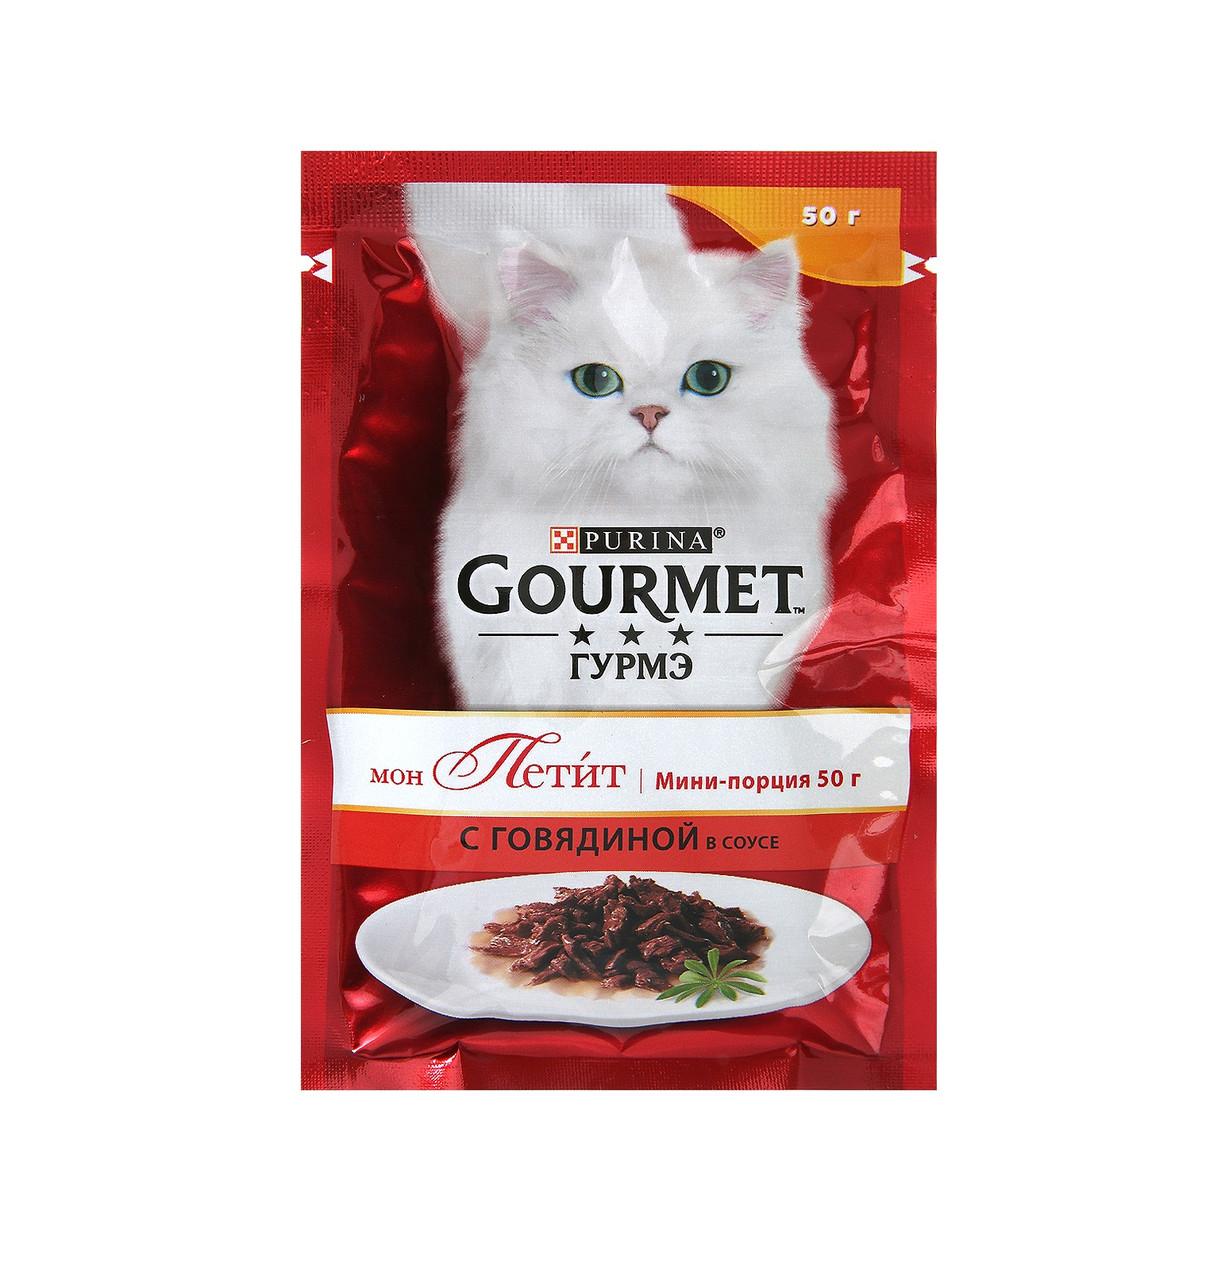 Gourmet Mon Petit с говядиной в соусе, пауч 50гр.